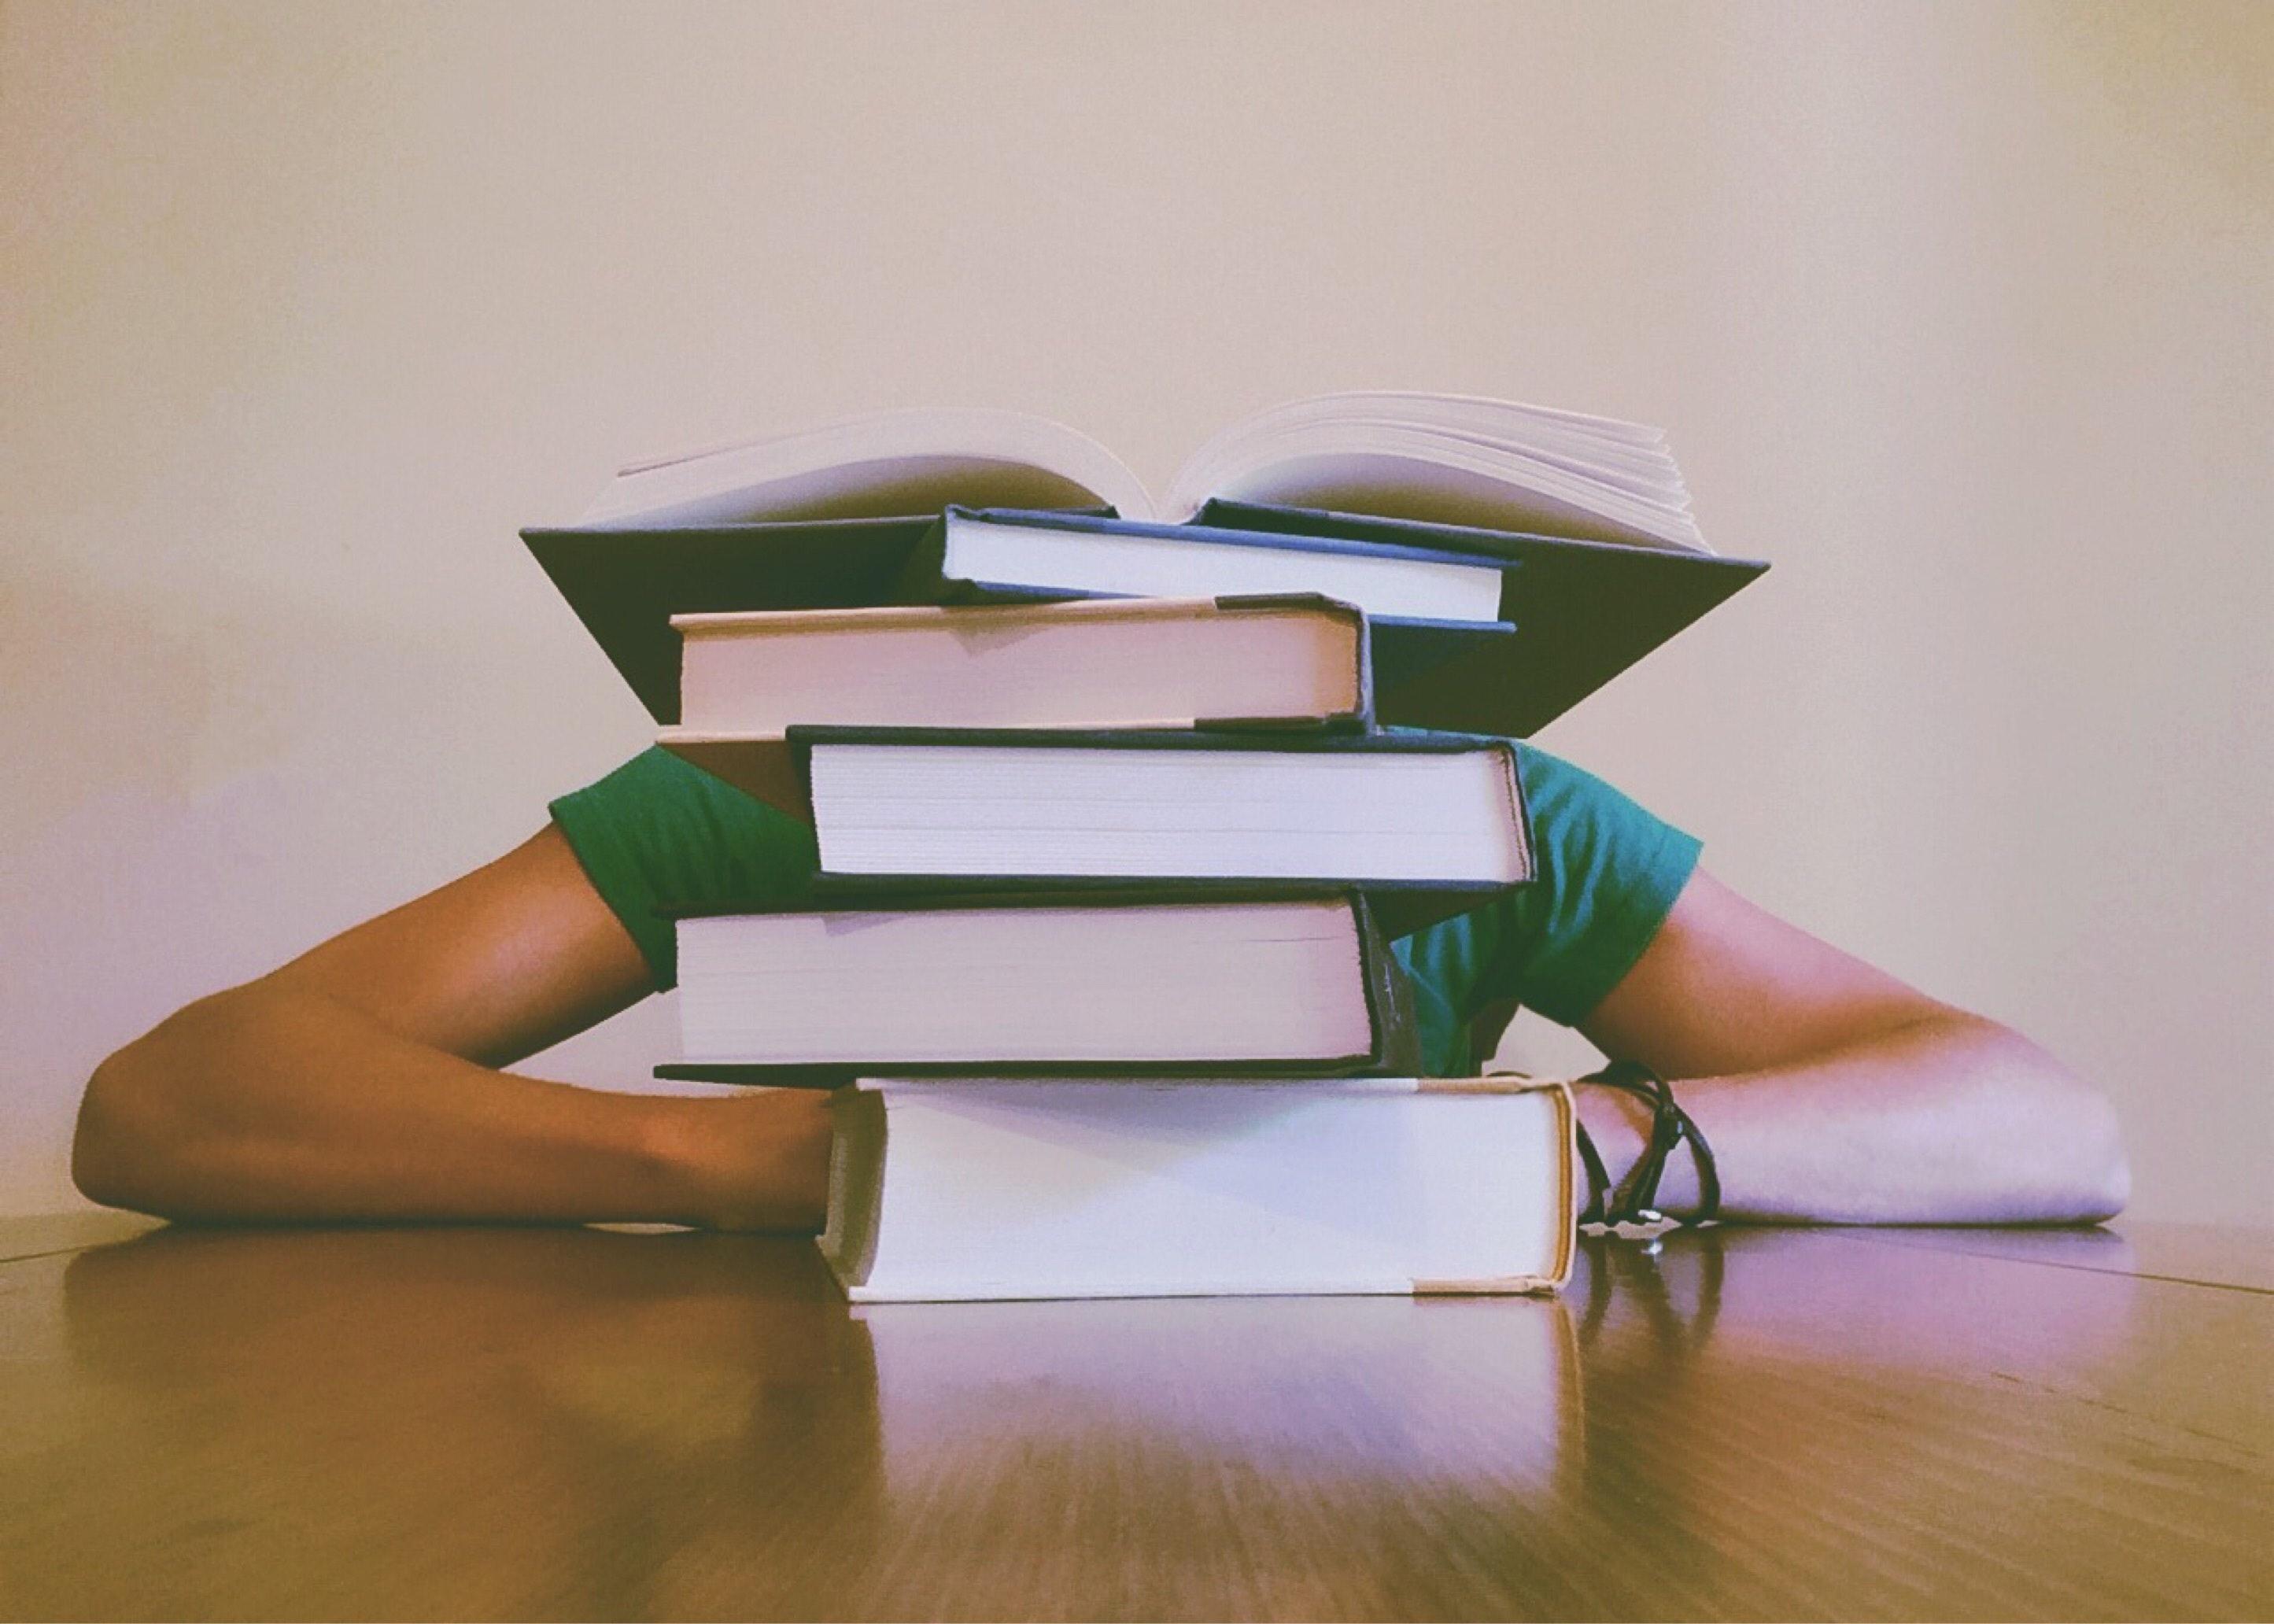 adult-blur-books-261909 (1)